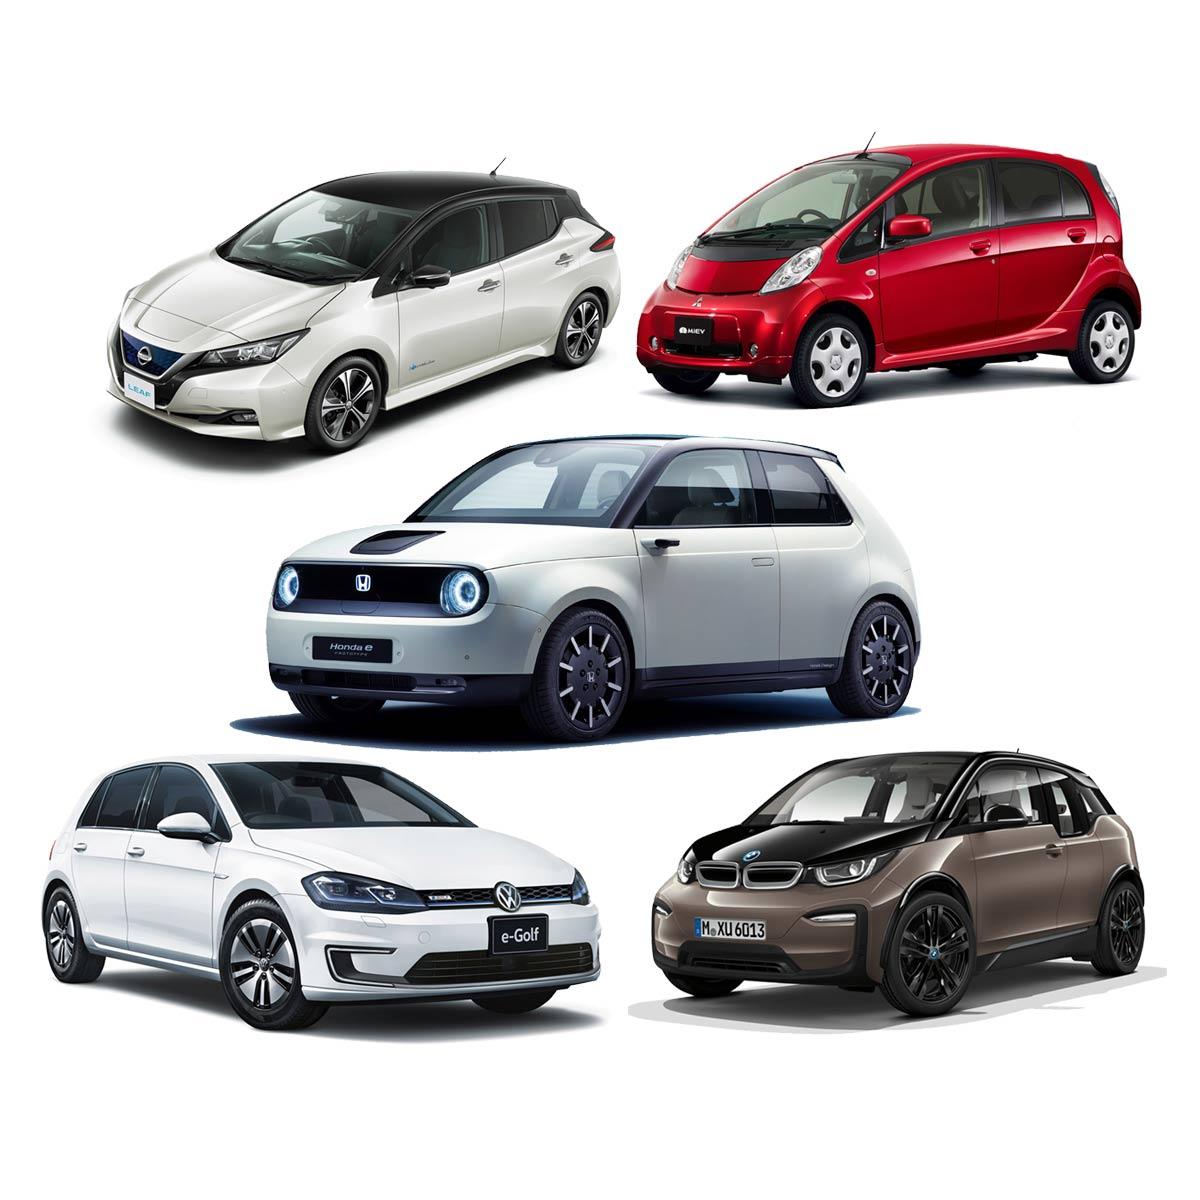 《2019年》人気の電気自動車5選!EVのメリットやデメリット、新型車もご紹介